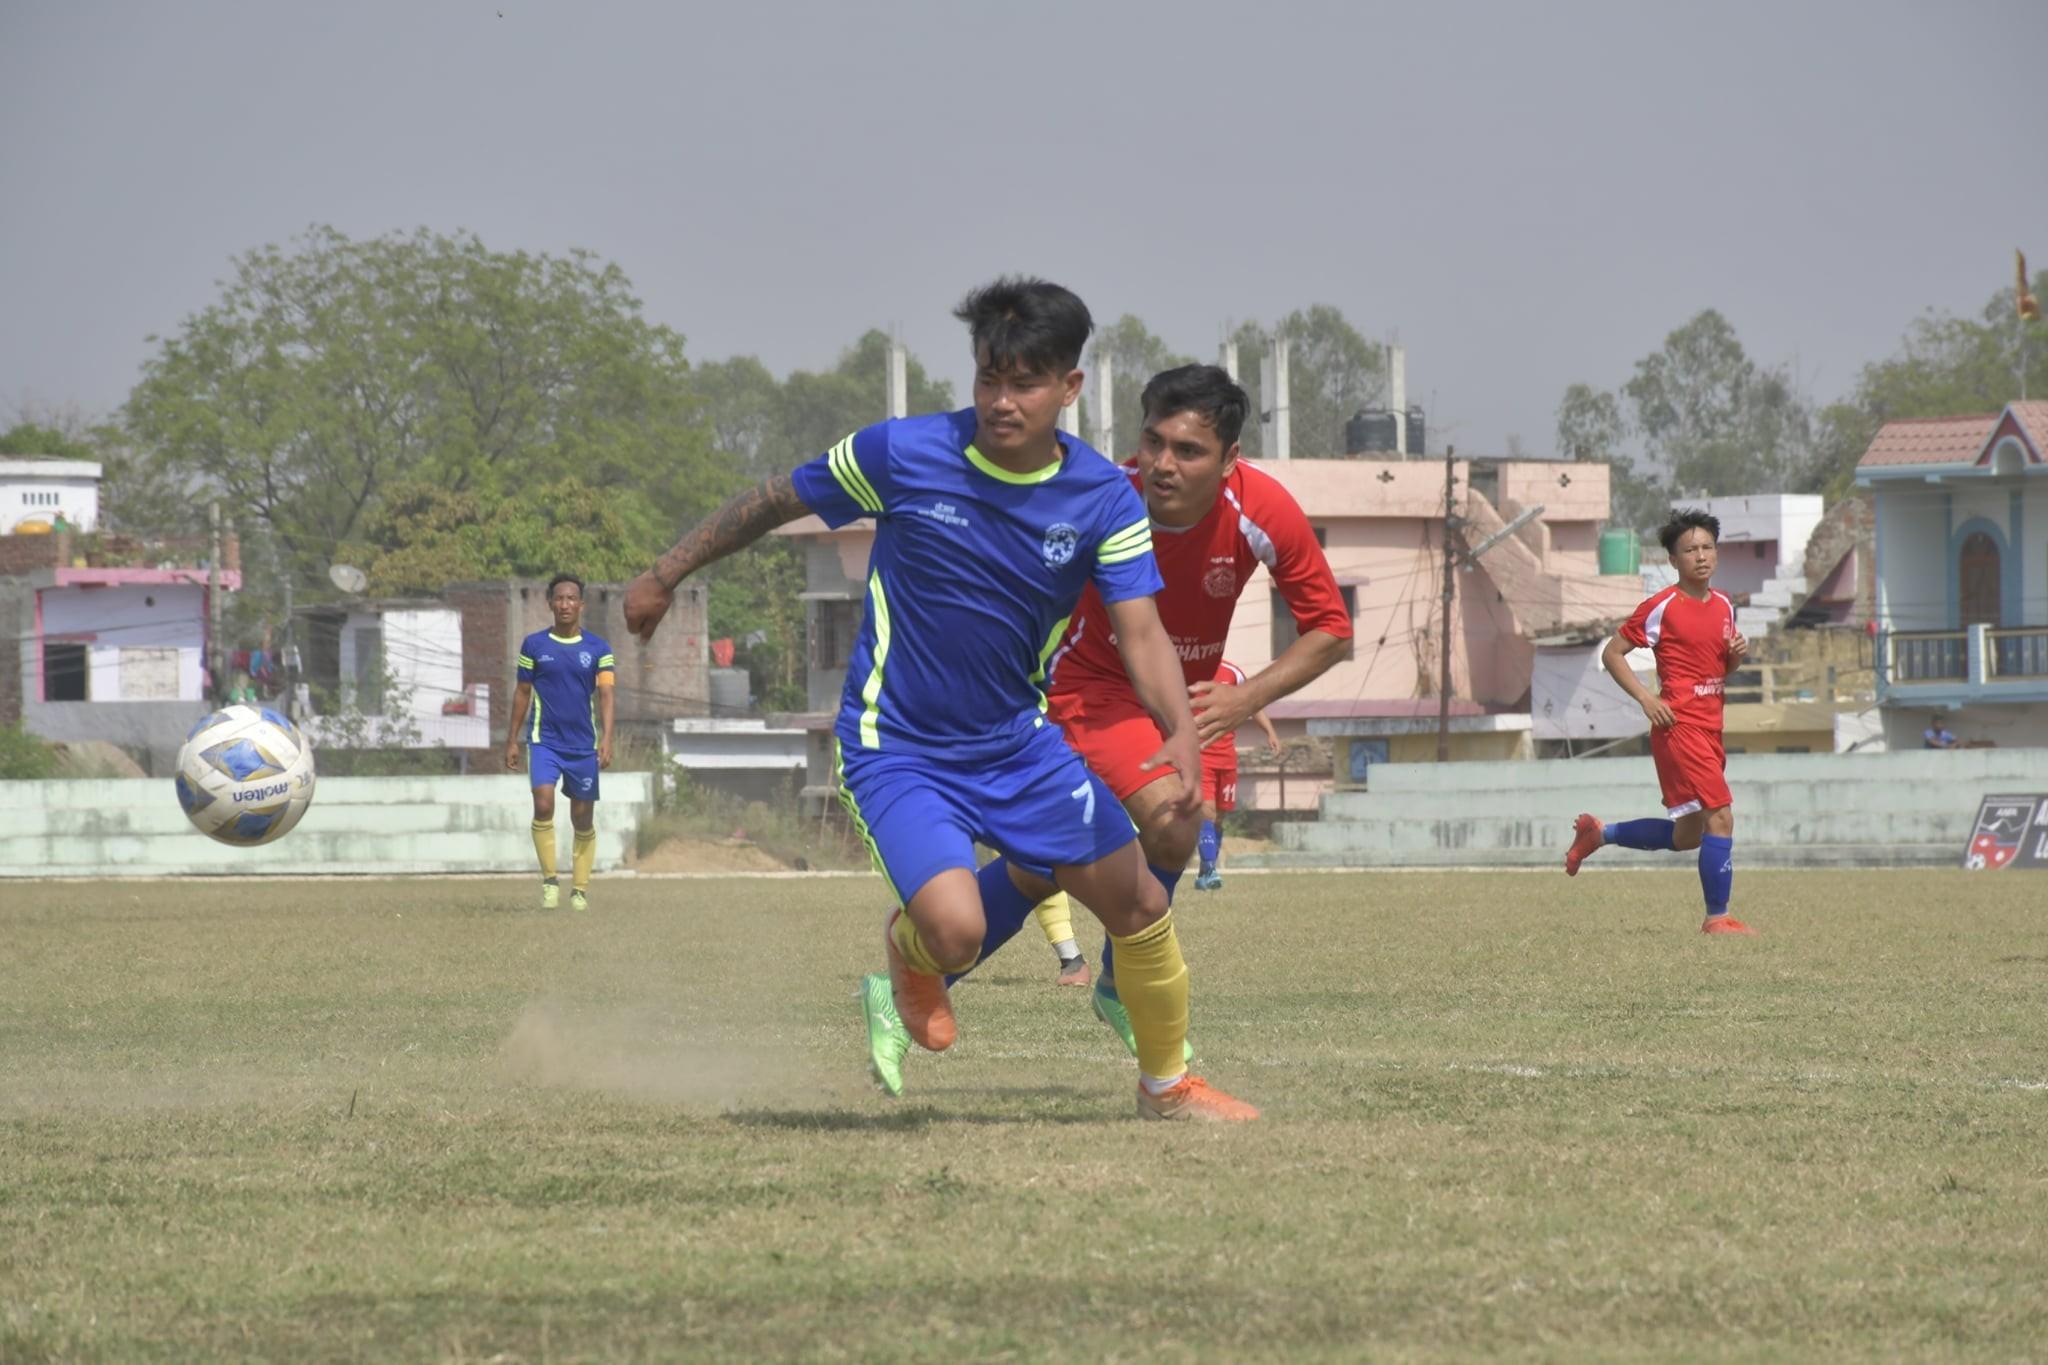 लुम्बिनी प्रदेशको च्याम्पियन धम्बोझीको लगातर दोस्रो हार